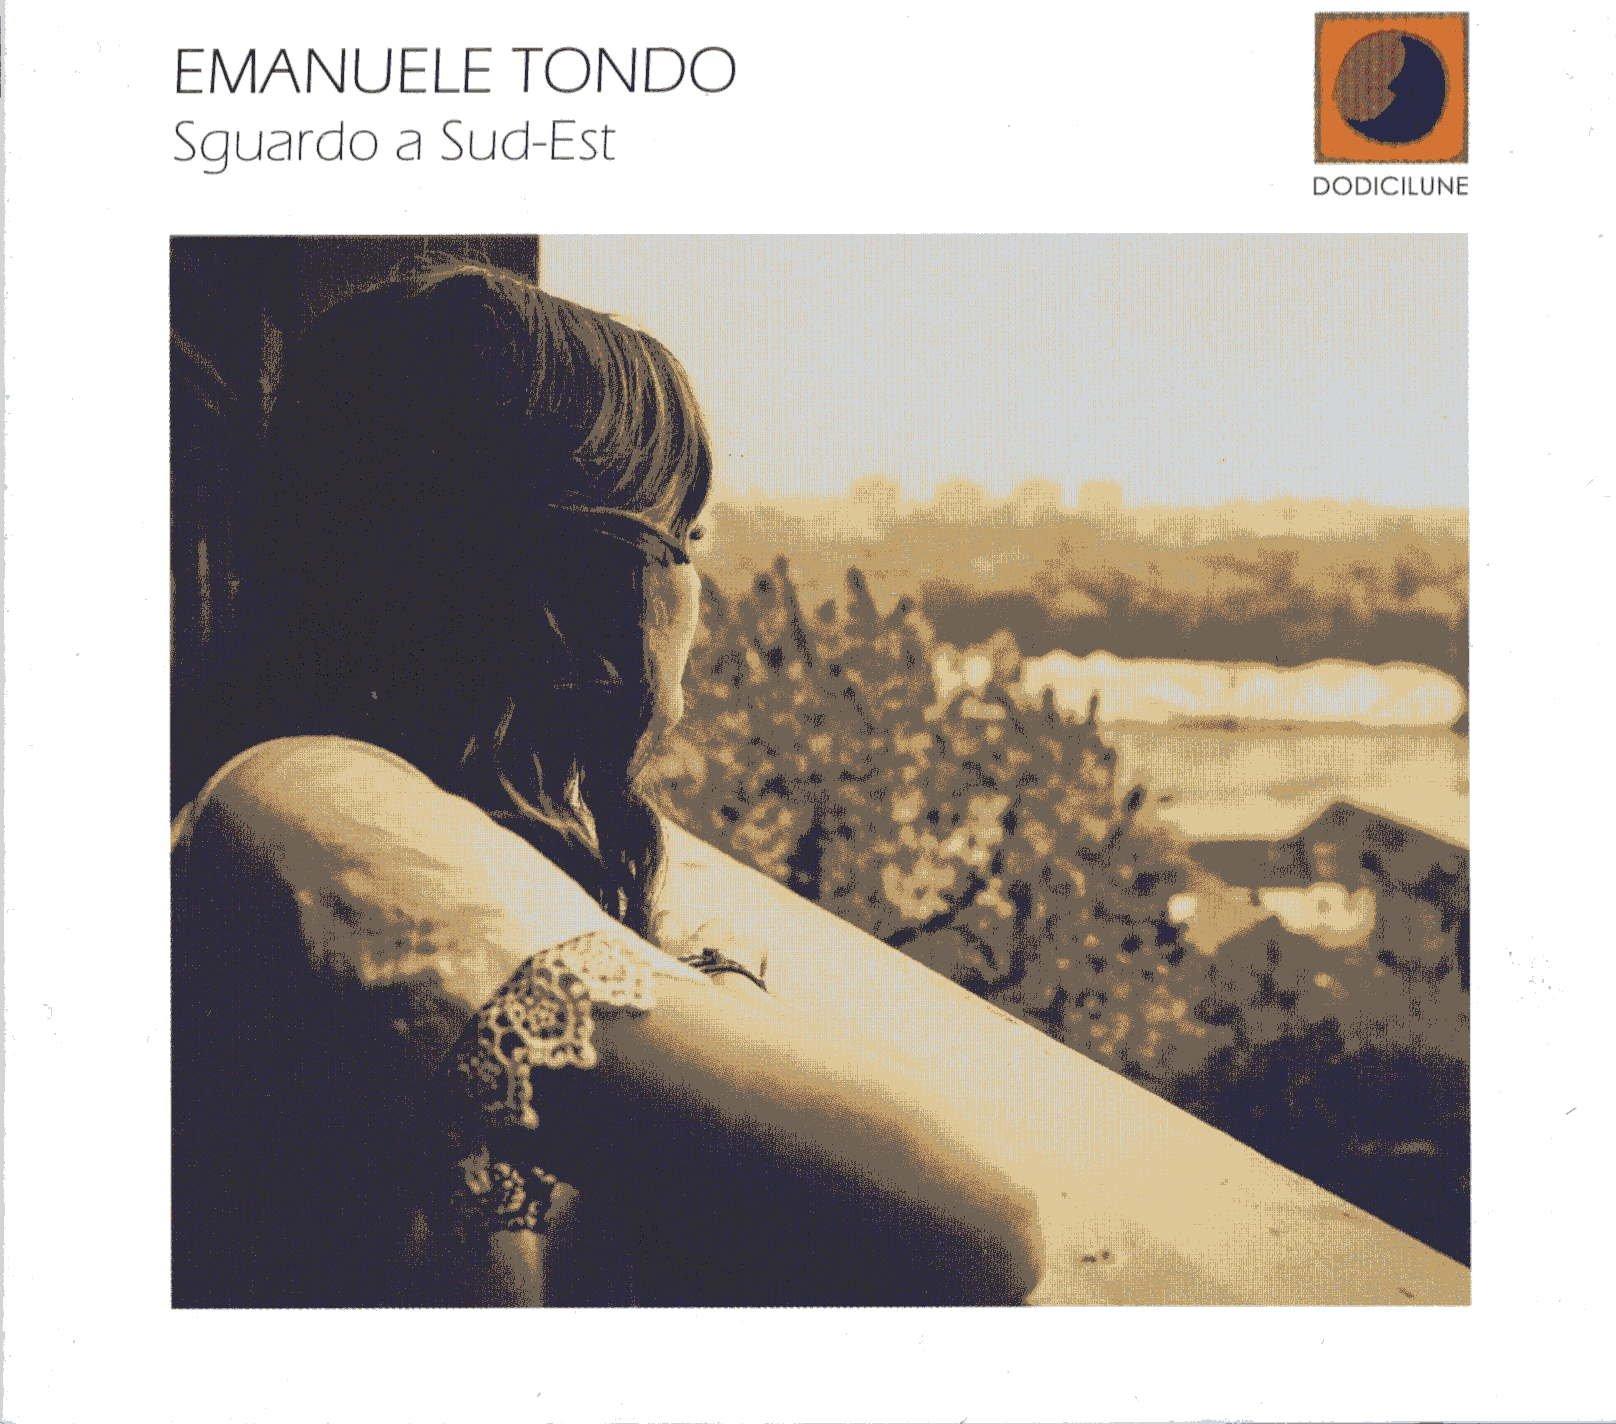 Emanuele Tondo</br>Sguardo a Sud-est</br>Dodicilune, 2016